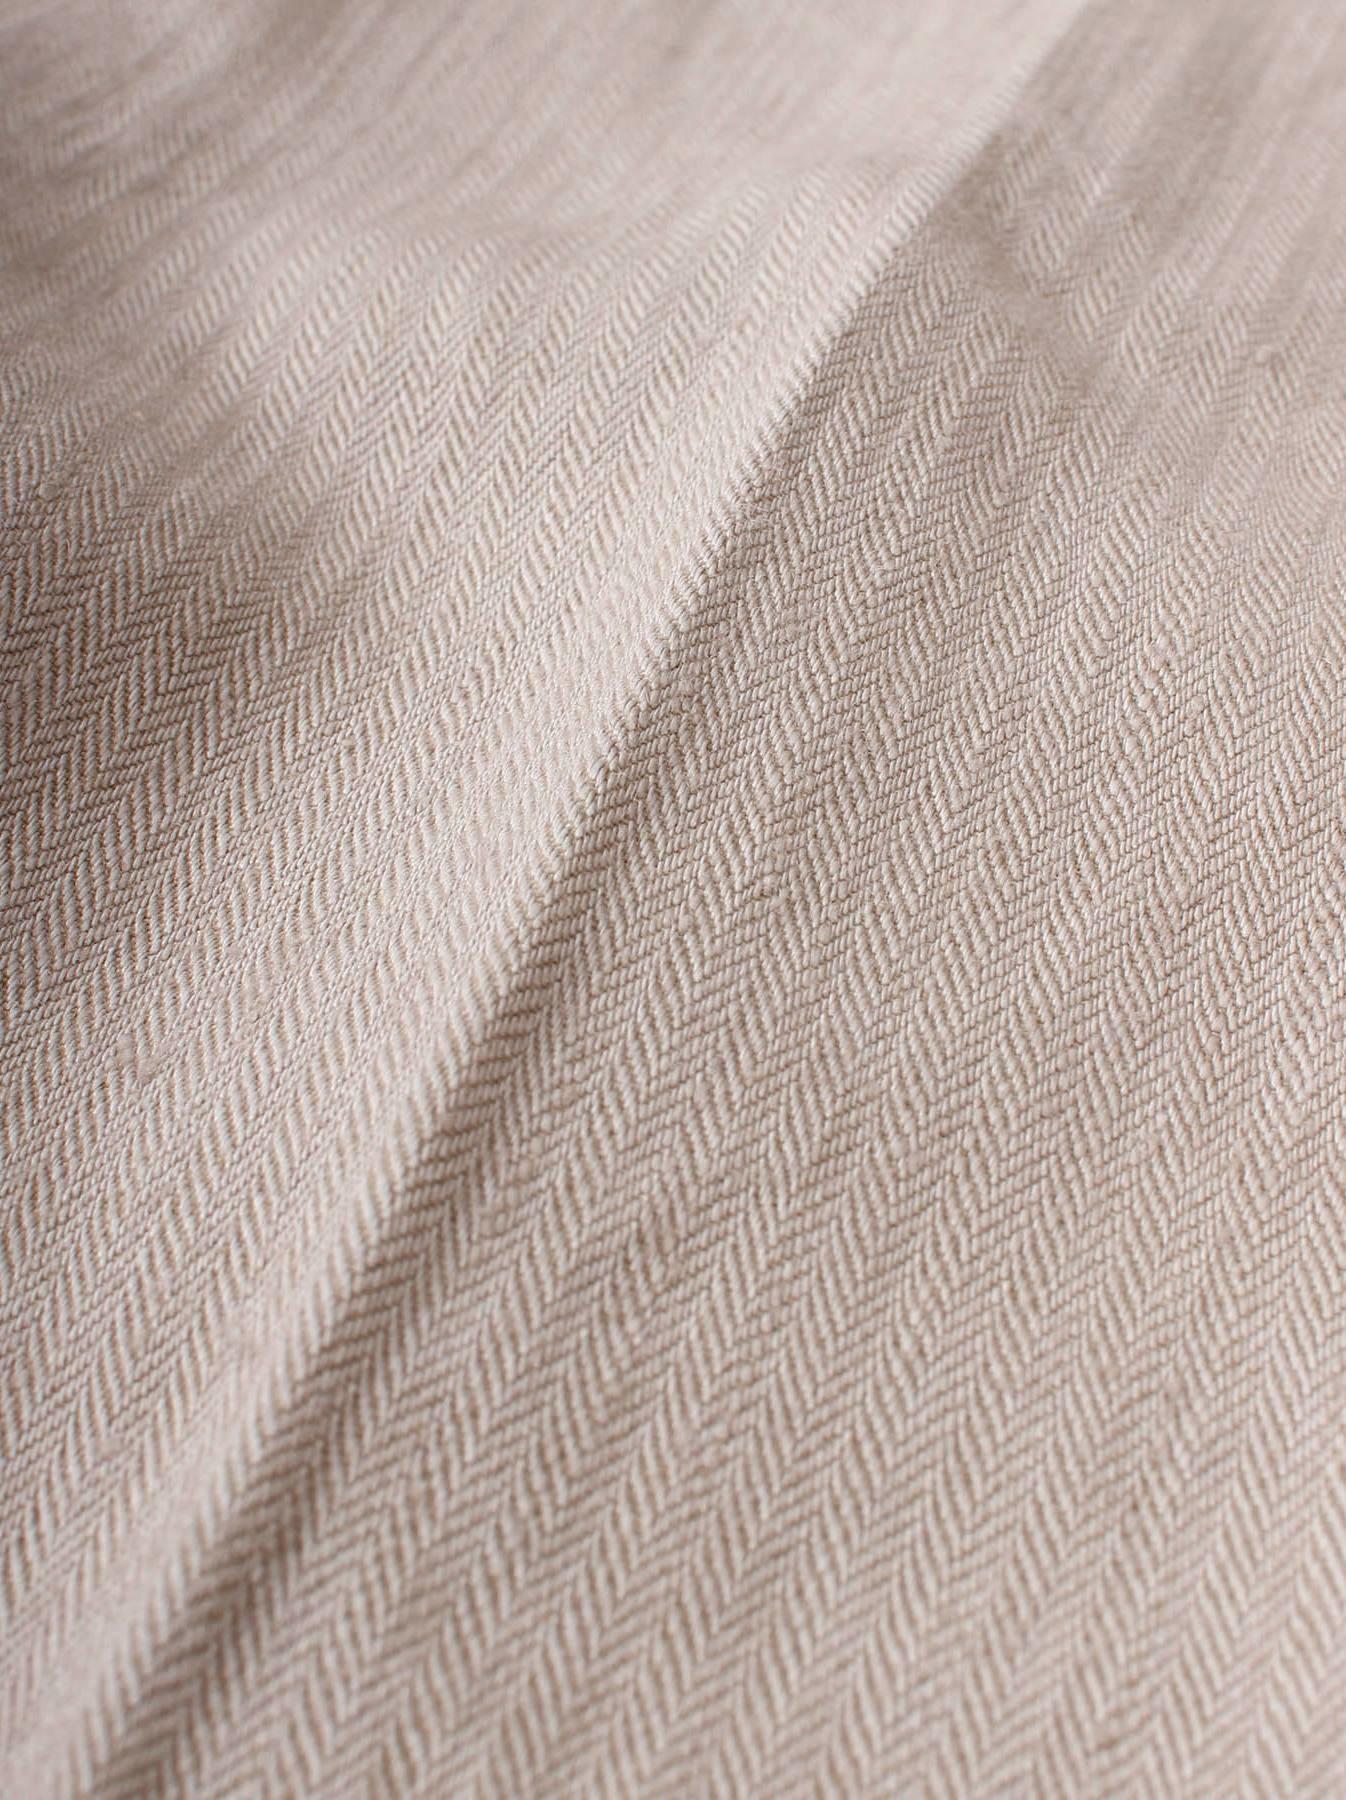 WH Linen Easy Slacks-11